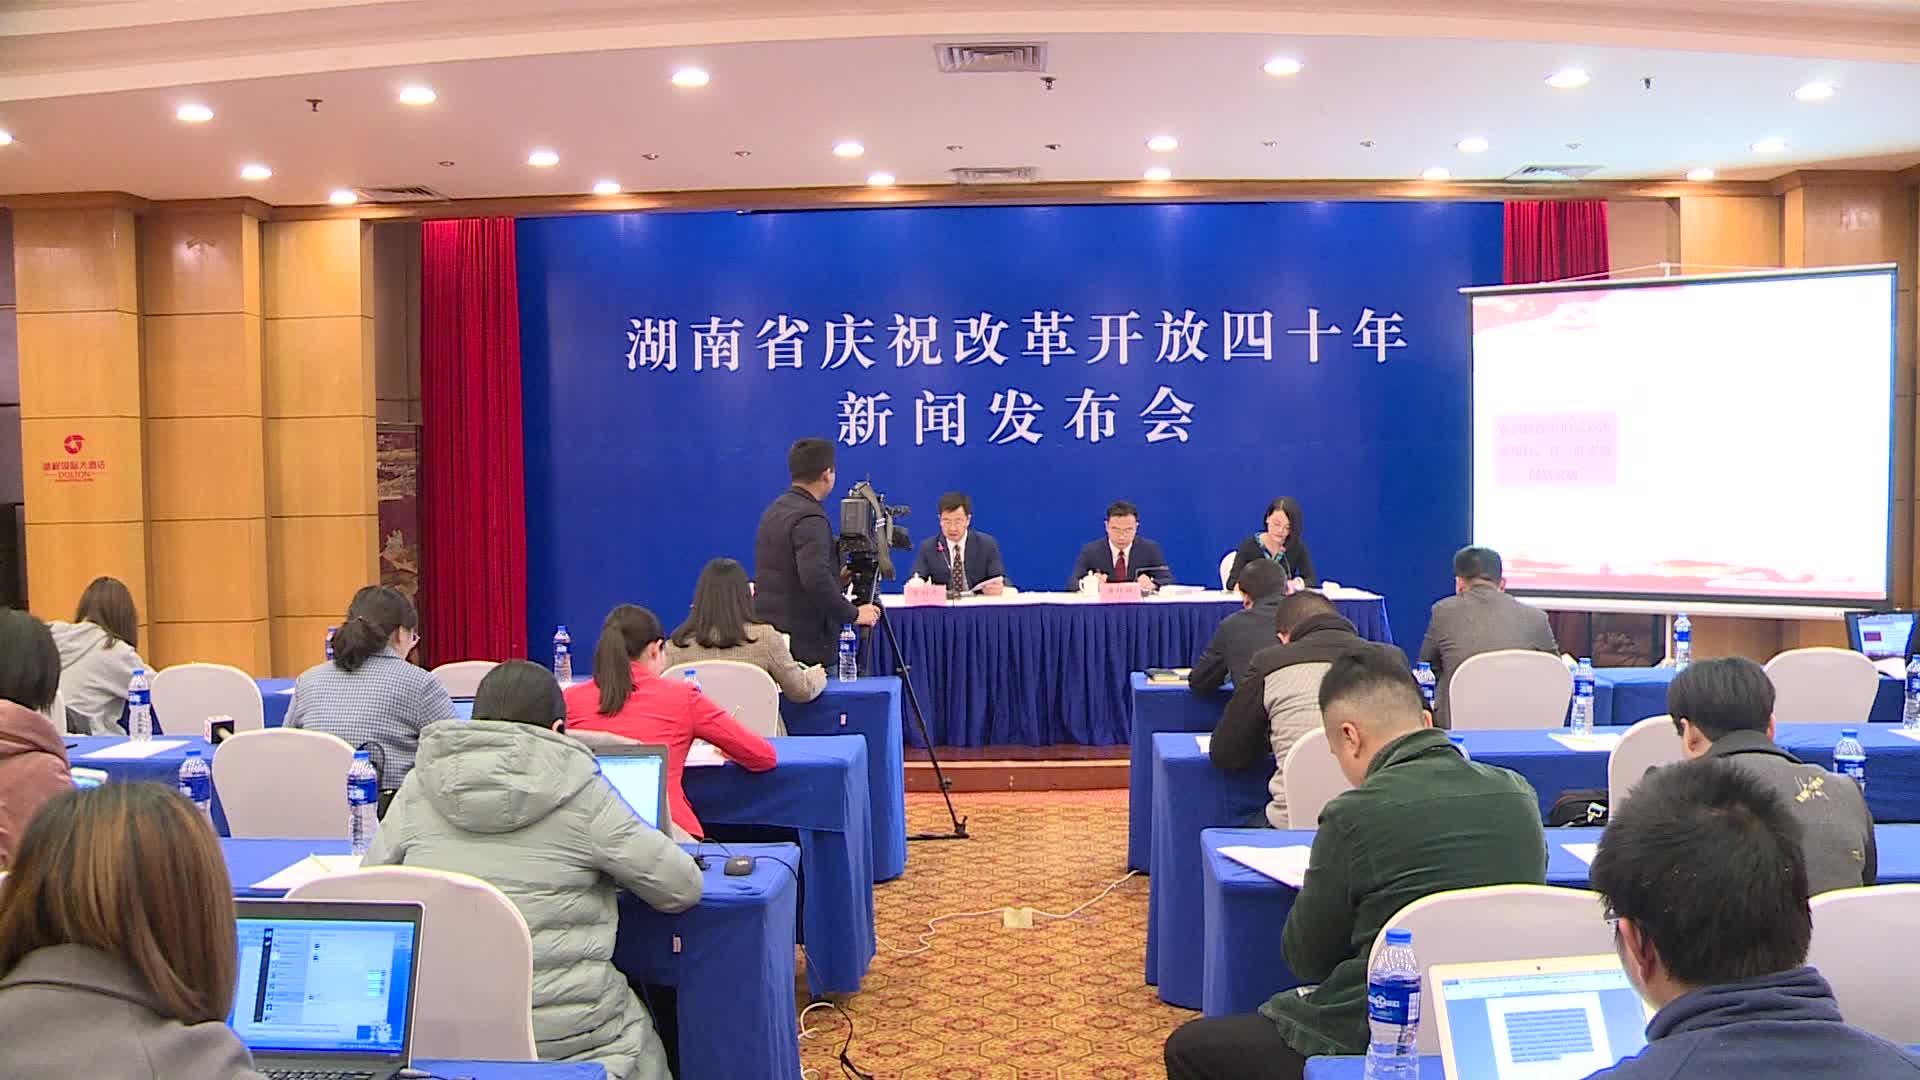 【全程回放】湖南省庆祝改革开放四十年系列新闻发布会:各领域重点改革取得突破性进展